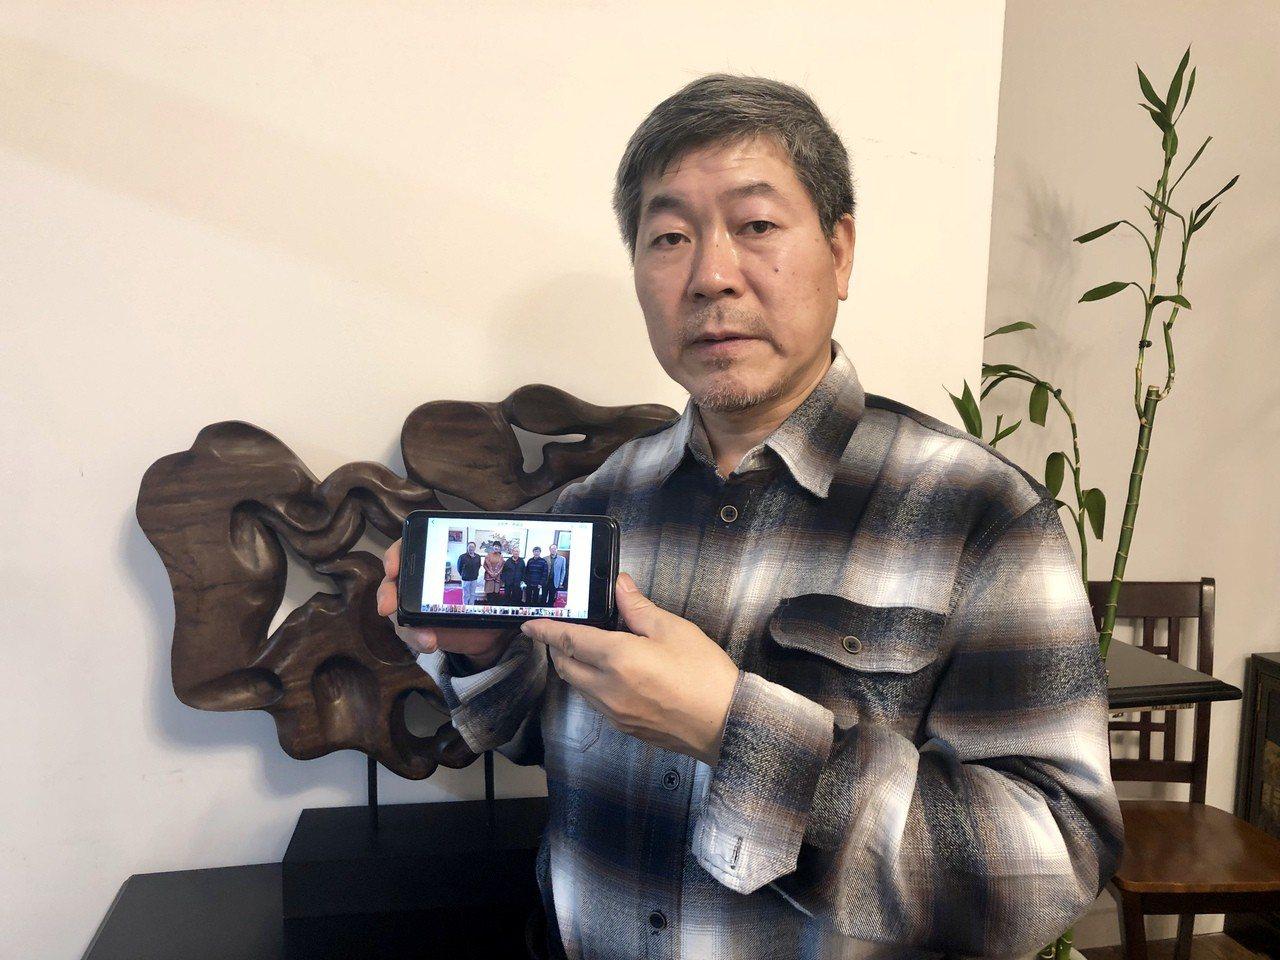 中國前副總理姜春云之前因一張照片被報定居美國,照片中的人出面澄清。記者朱蕾/攝影